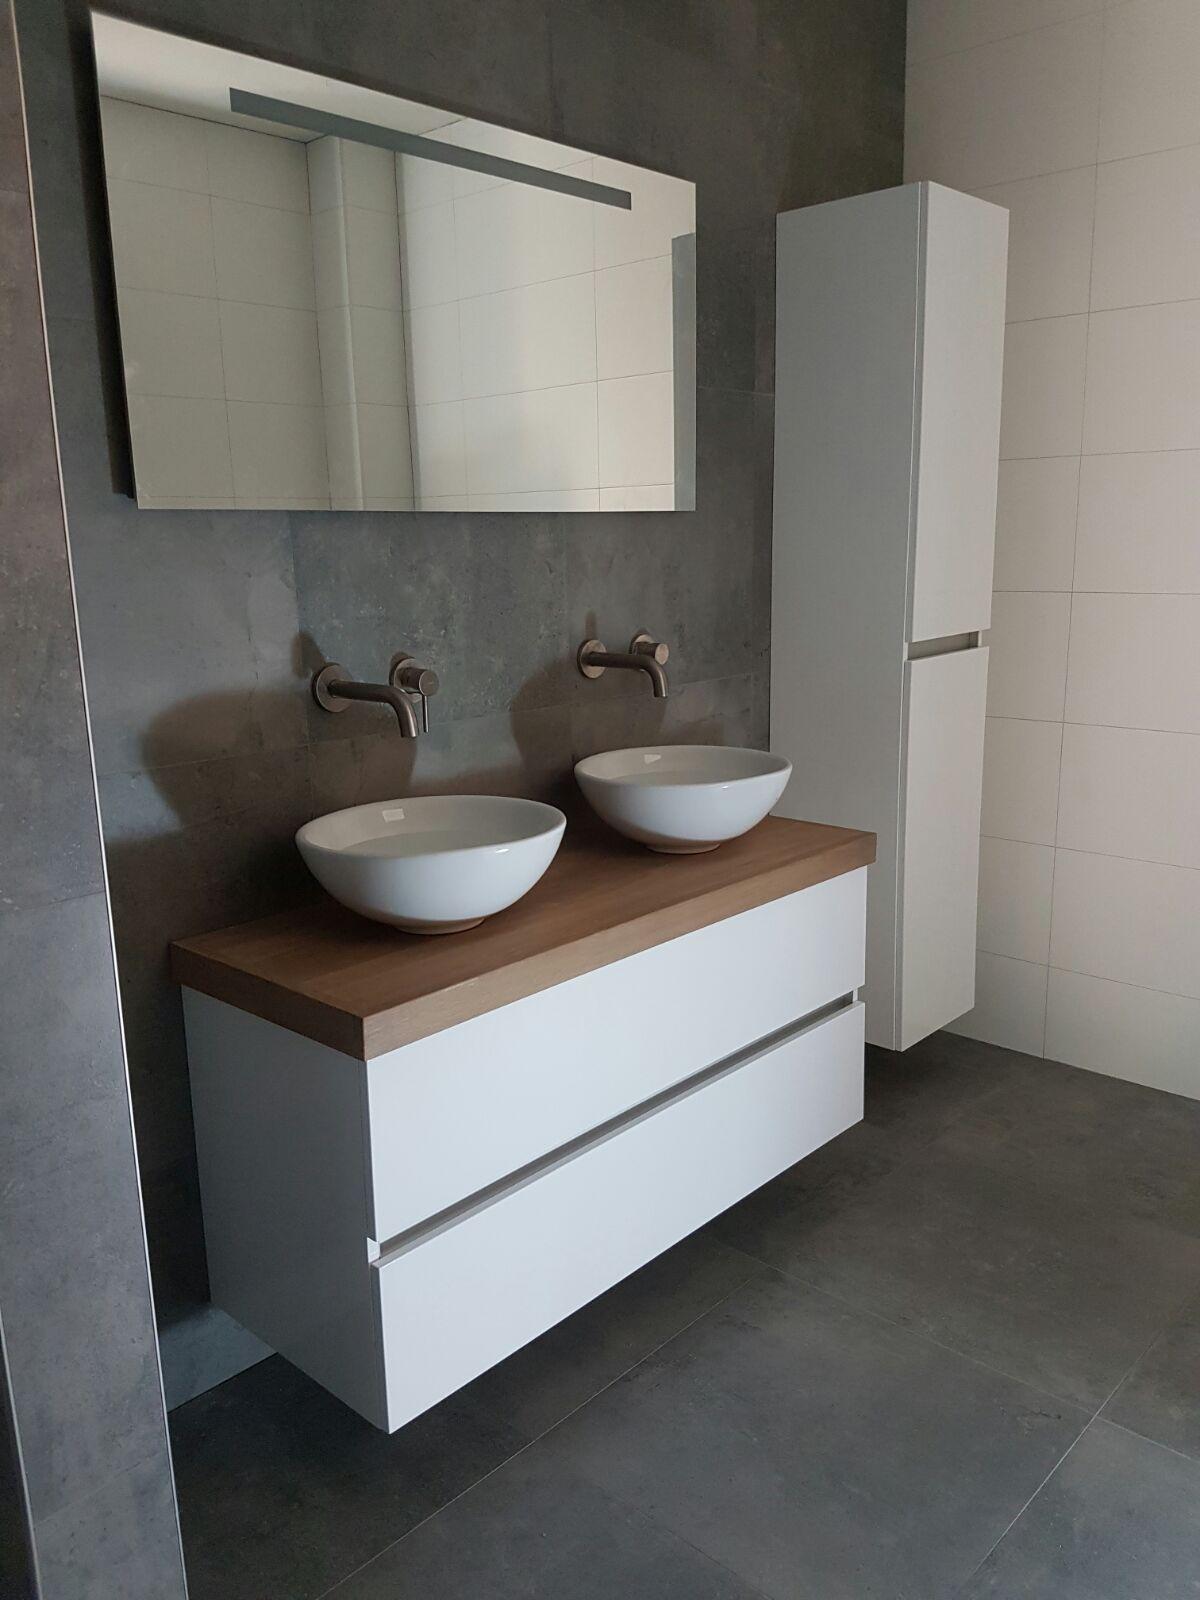 Onze badkamer met VT wonen Loft Grey tegels en een eikenhouten blad ...